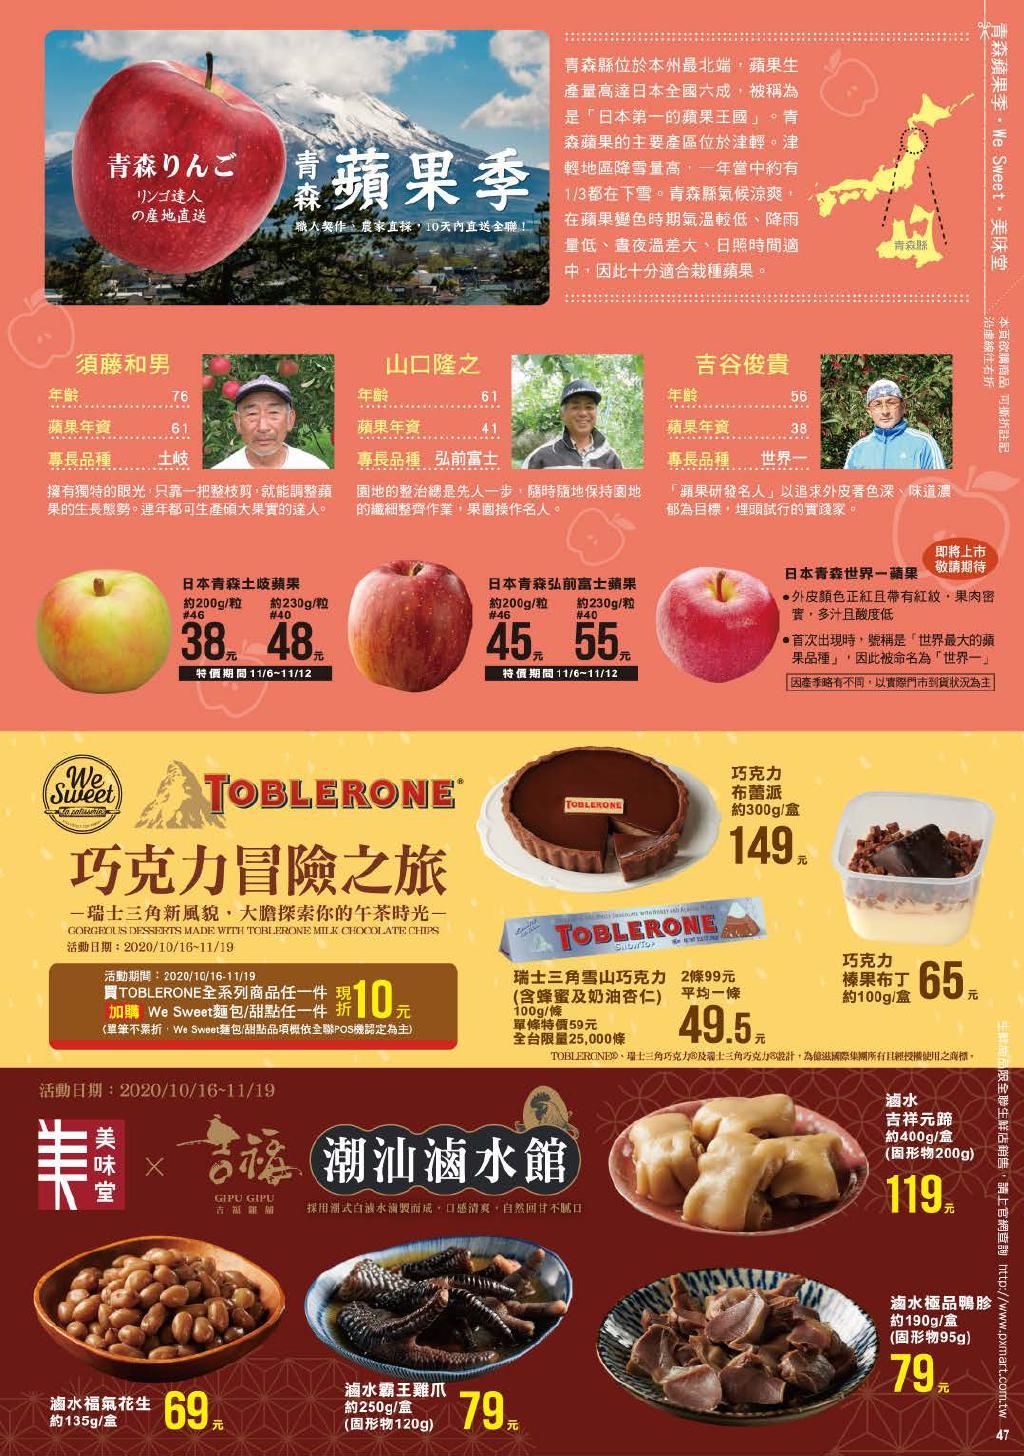 pxmart20201119_000047.jpg